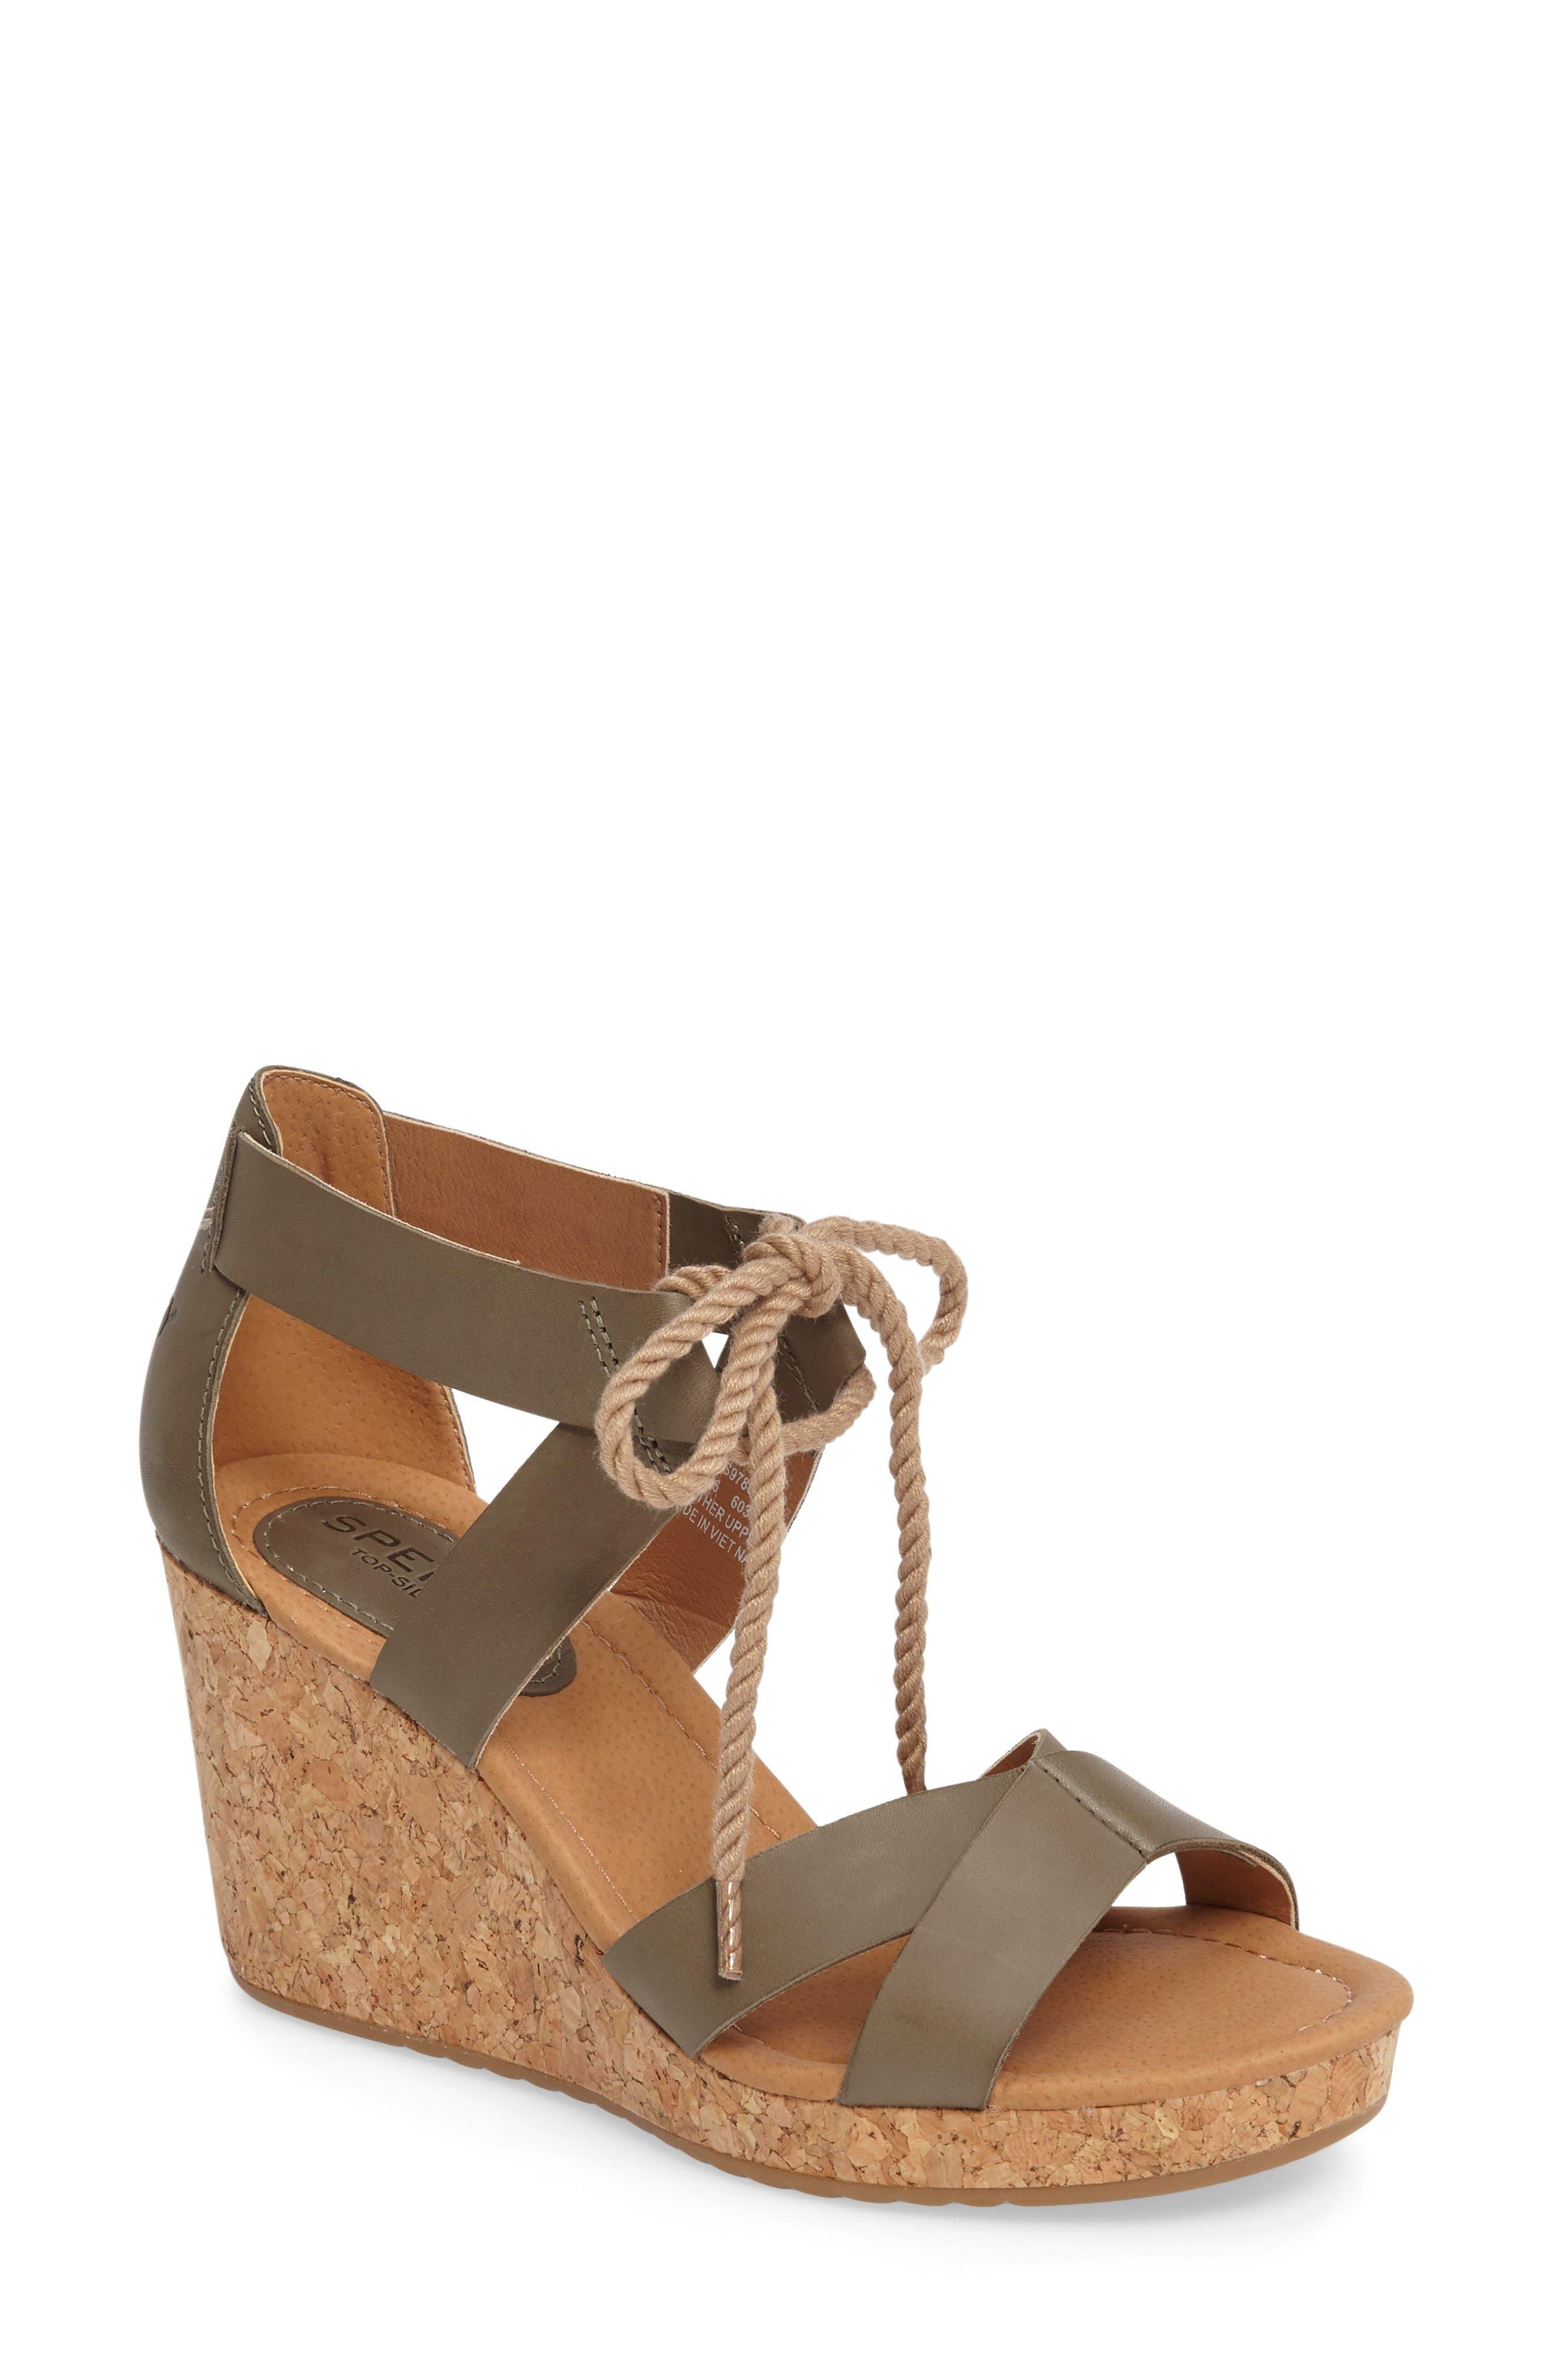 SPERRY Dawn Ari Wedge Sandal